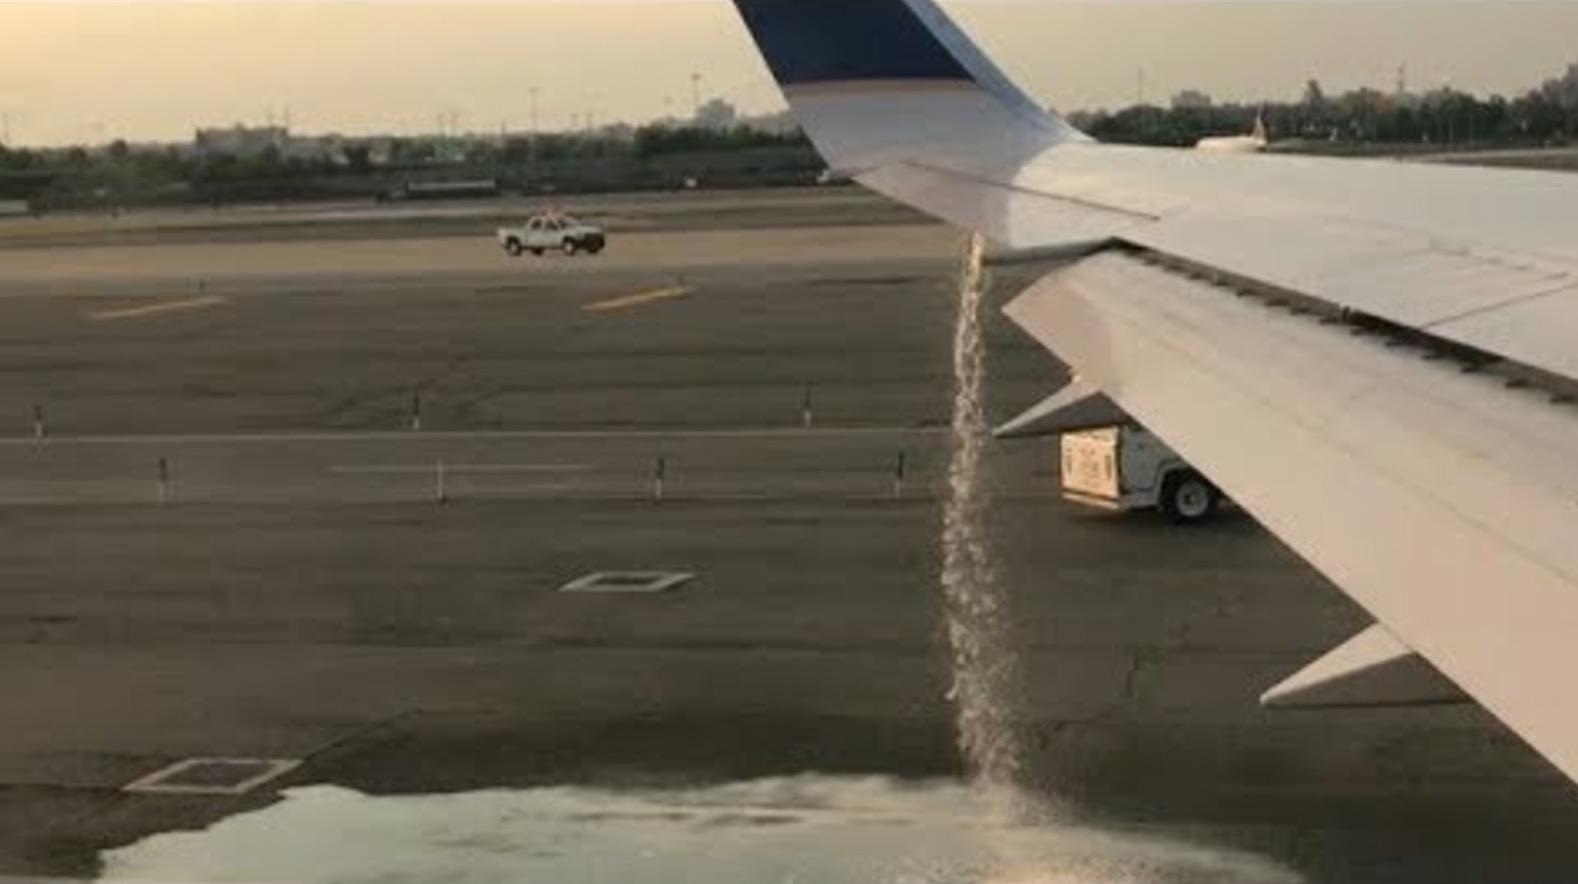 ユナイテッド航空機の翼から燃料が盛大に漏れているのを乗客が発見! 関係者は誰も気づかず。。